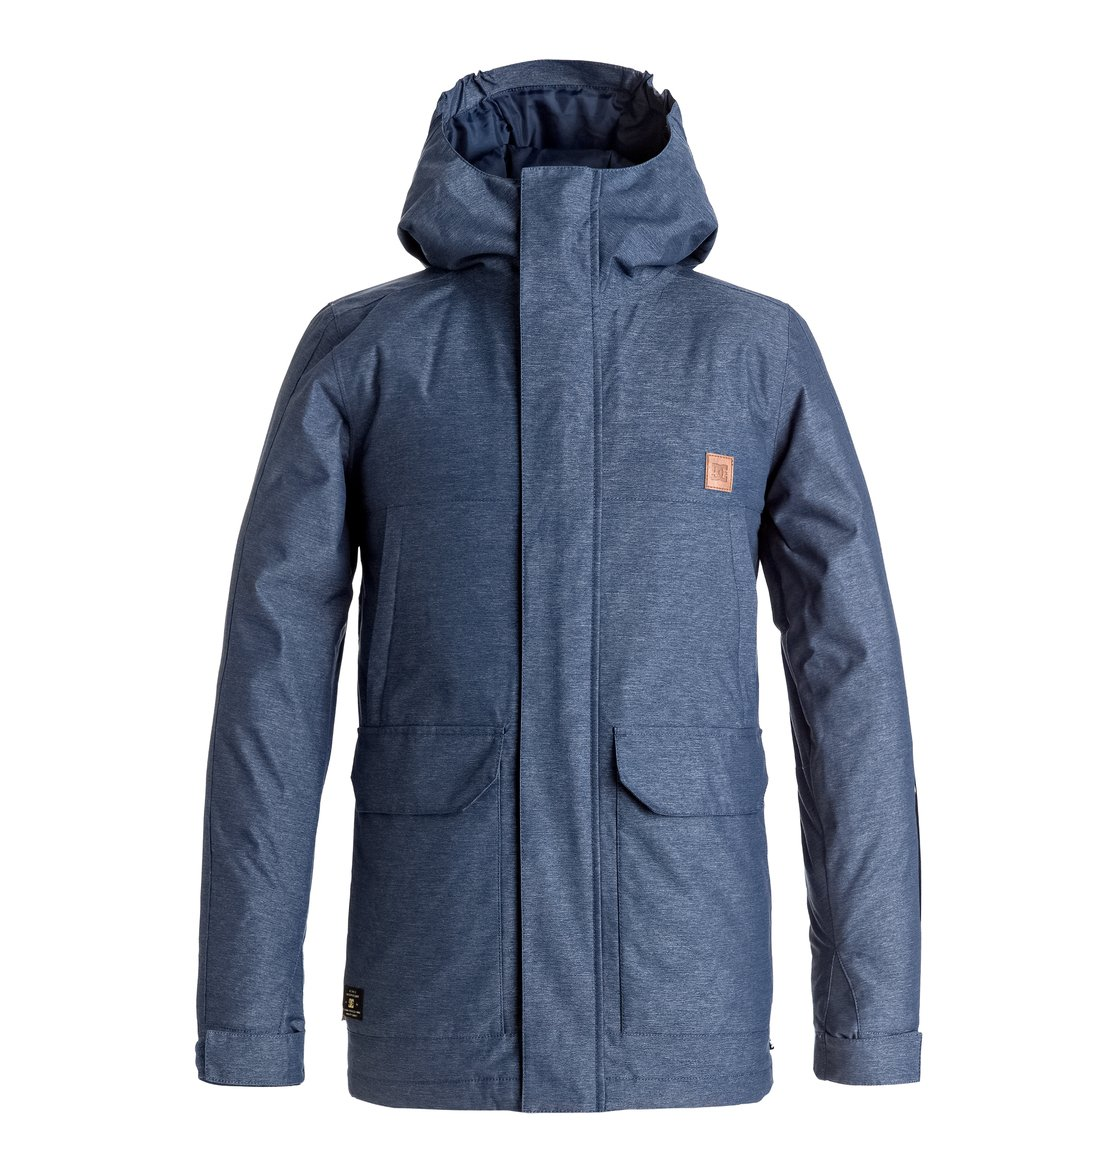 Сноубордическая куртка Harbor от DC Shoes